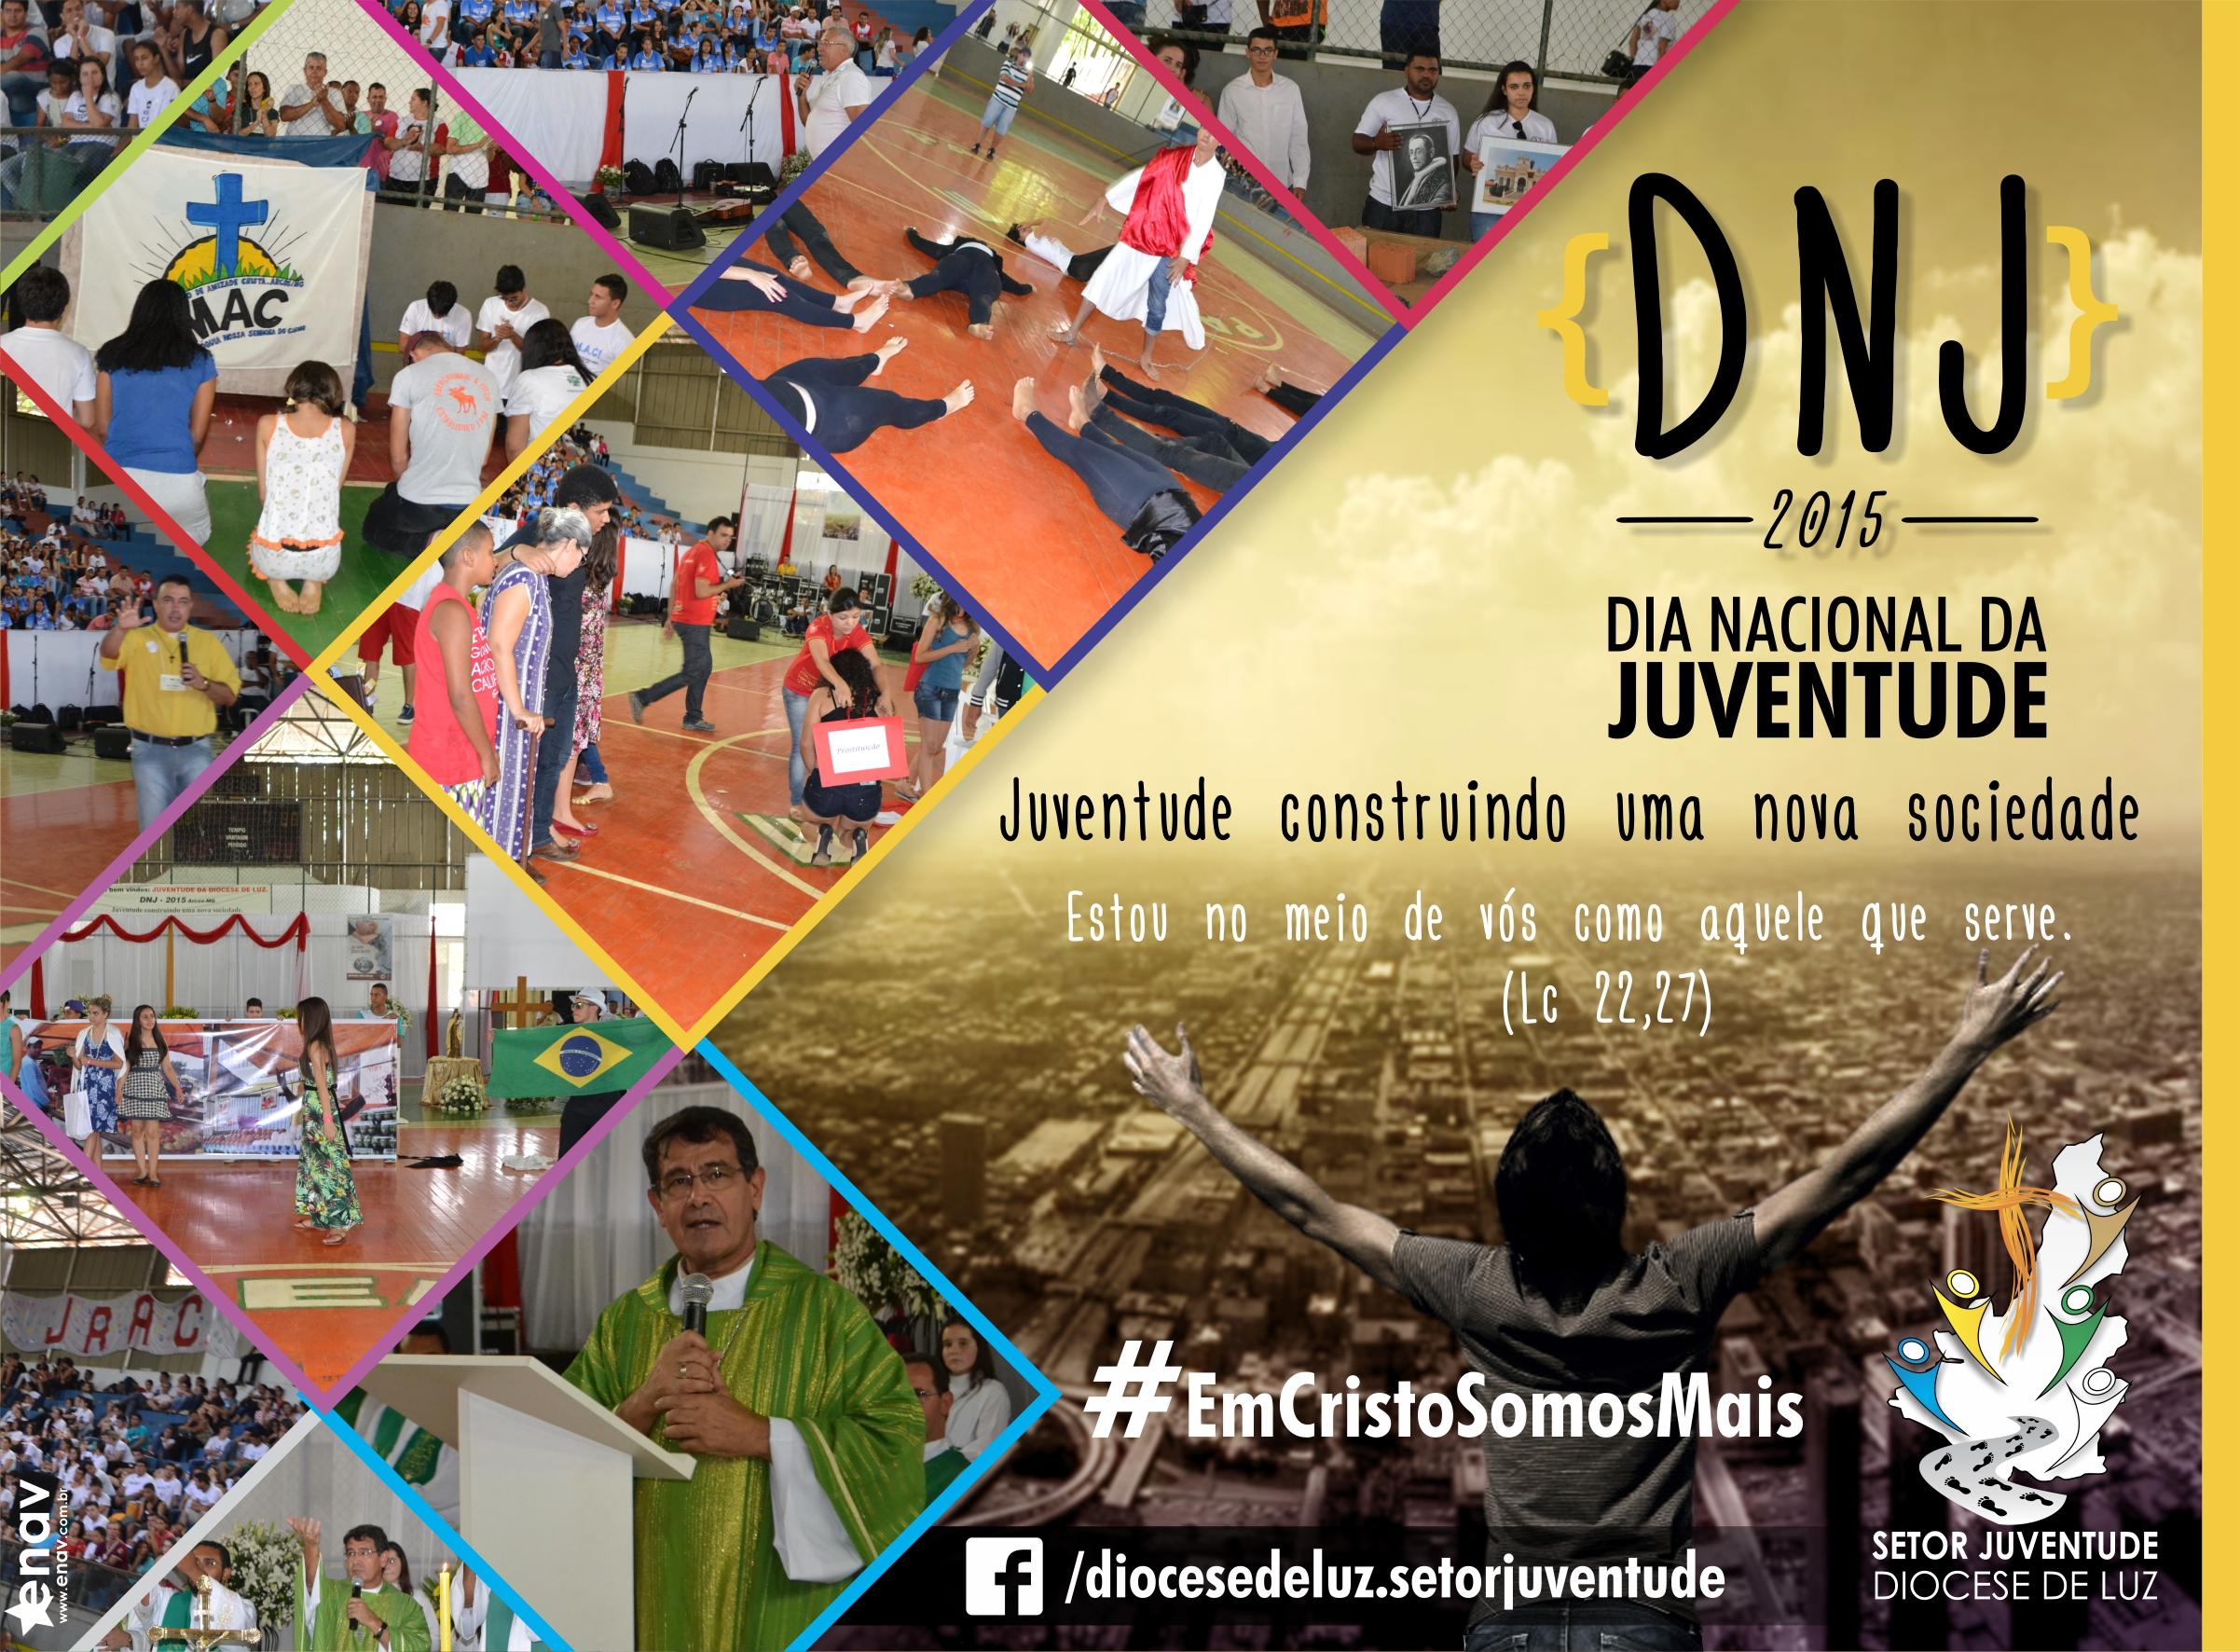 DNJ em Arcos (MG) prepara centenário da diocese em 2018